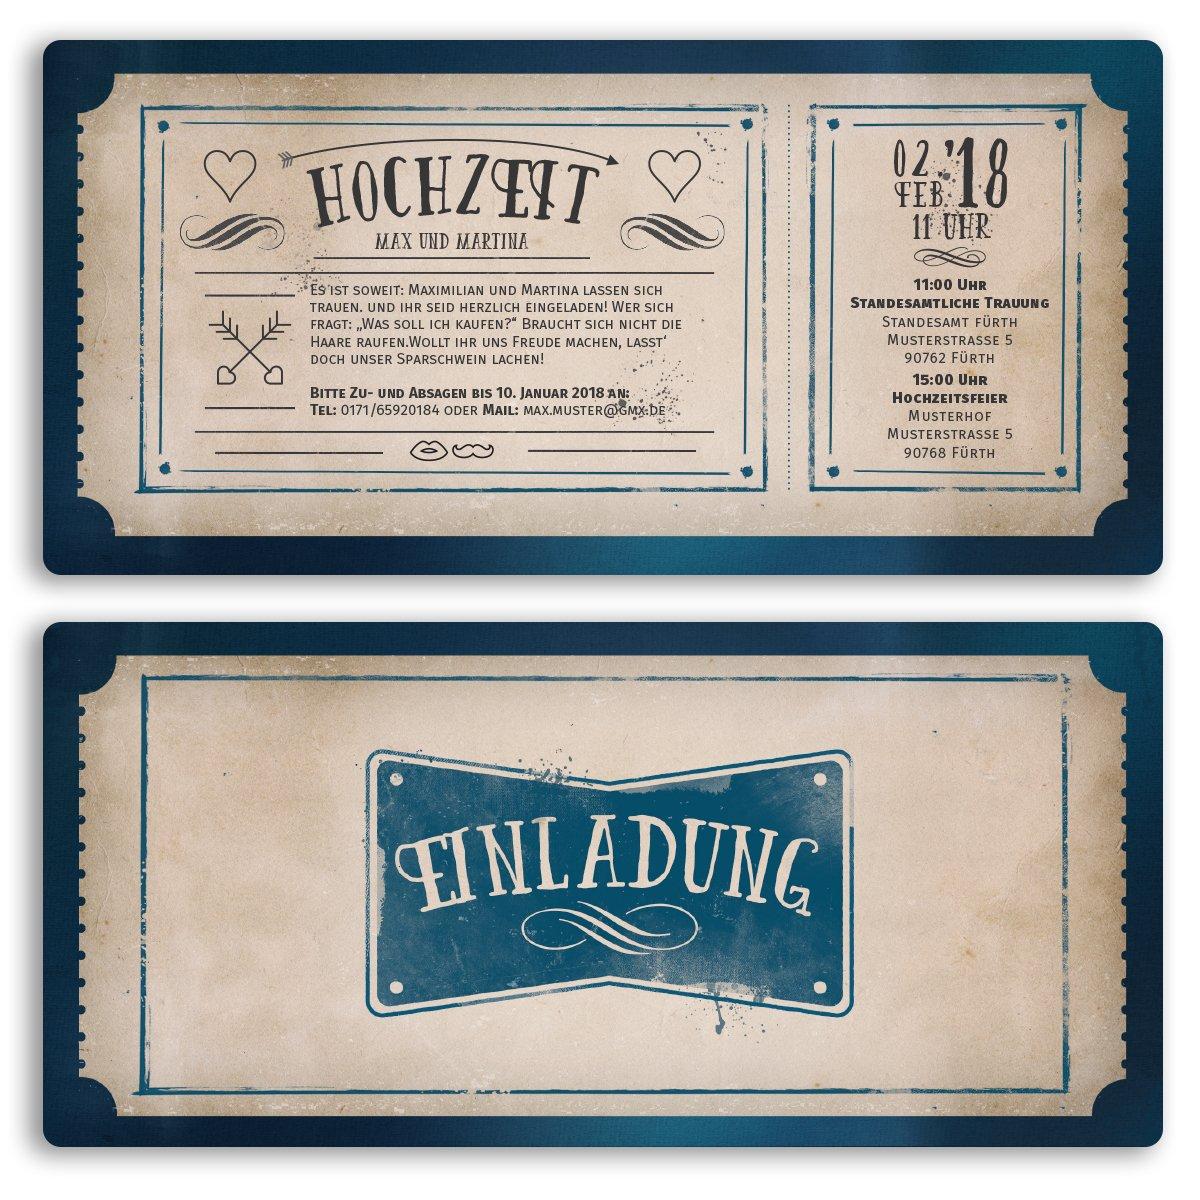 20 x hochzeitseinladungen vintage retro ticket alt einladungskarten hochzeit amazon de bürobedarf schreibwaren